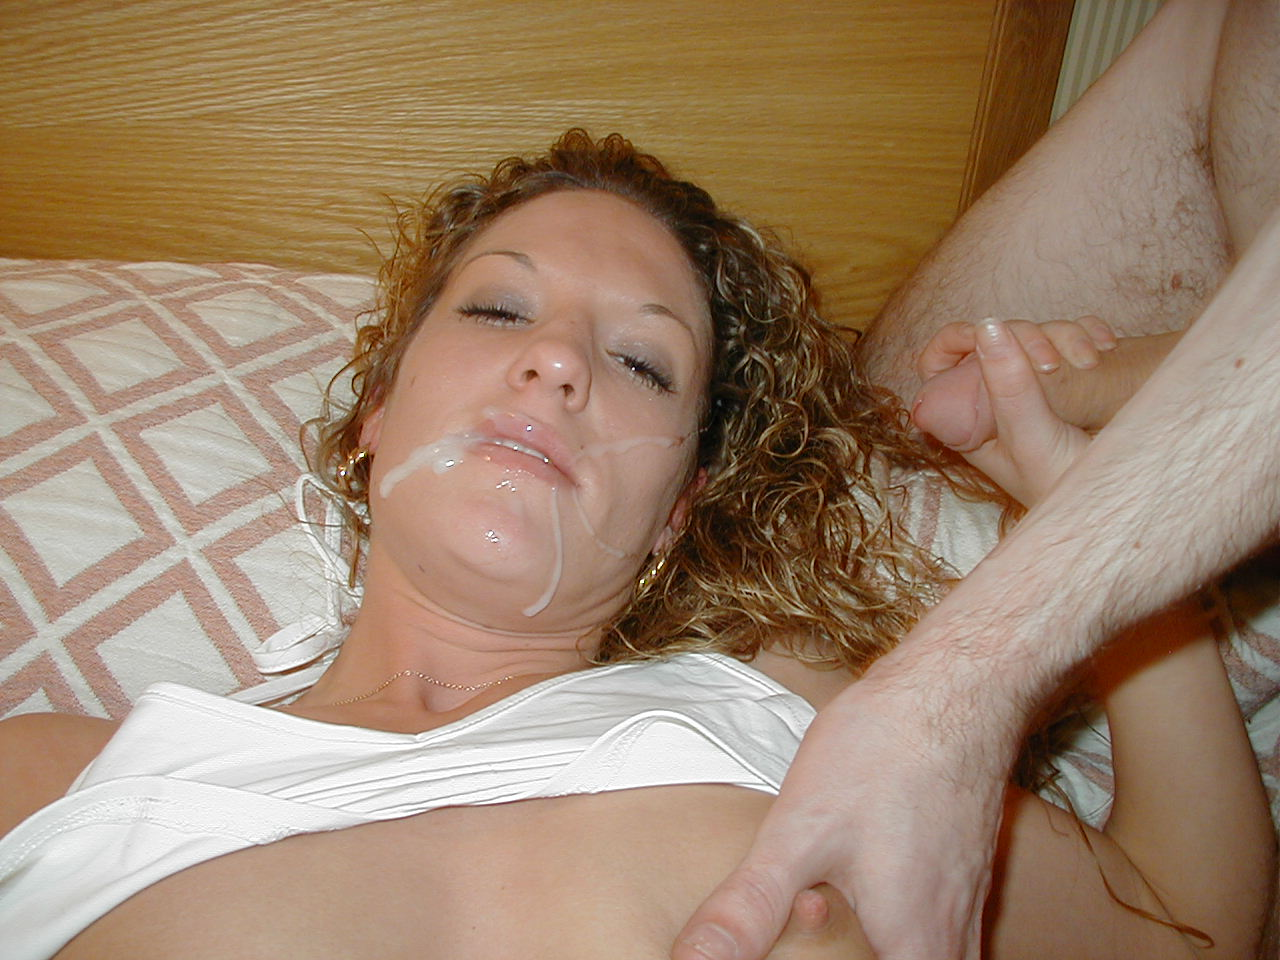 Claudia galanti nip slip